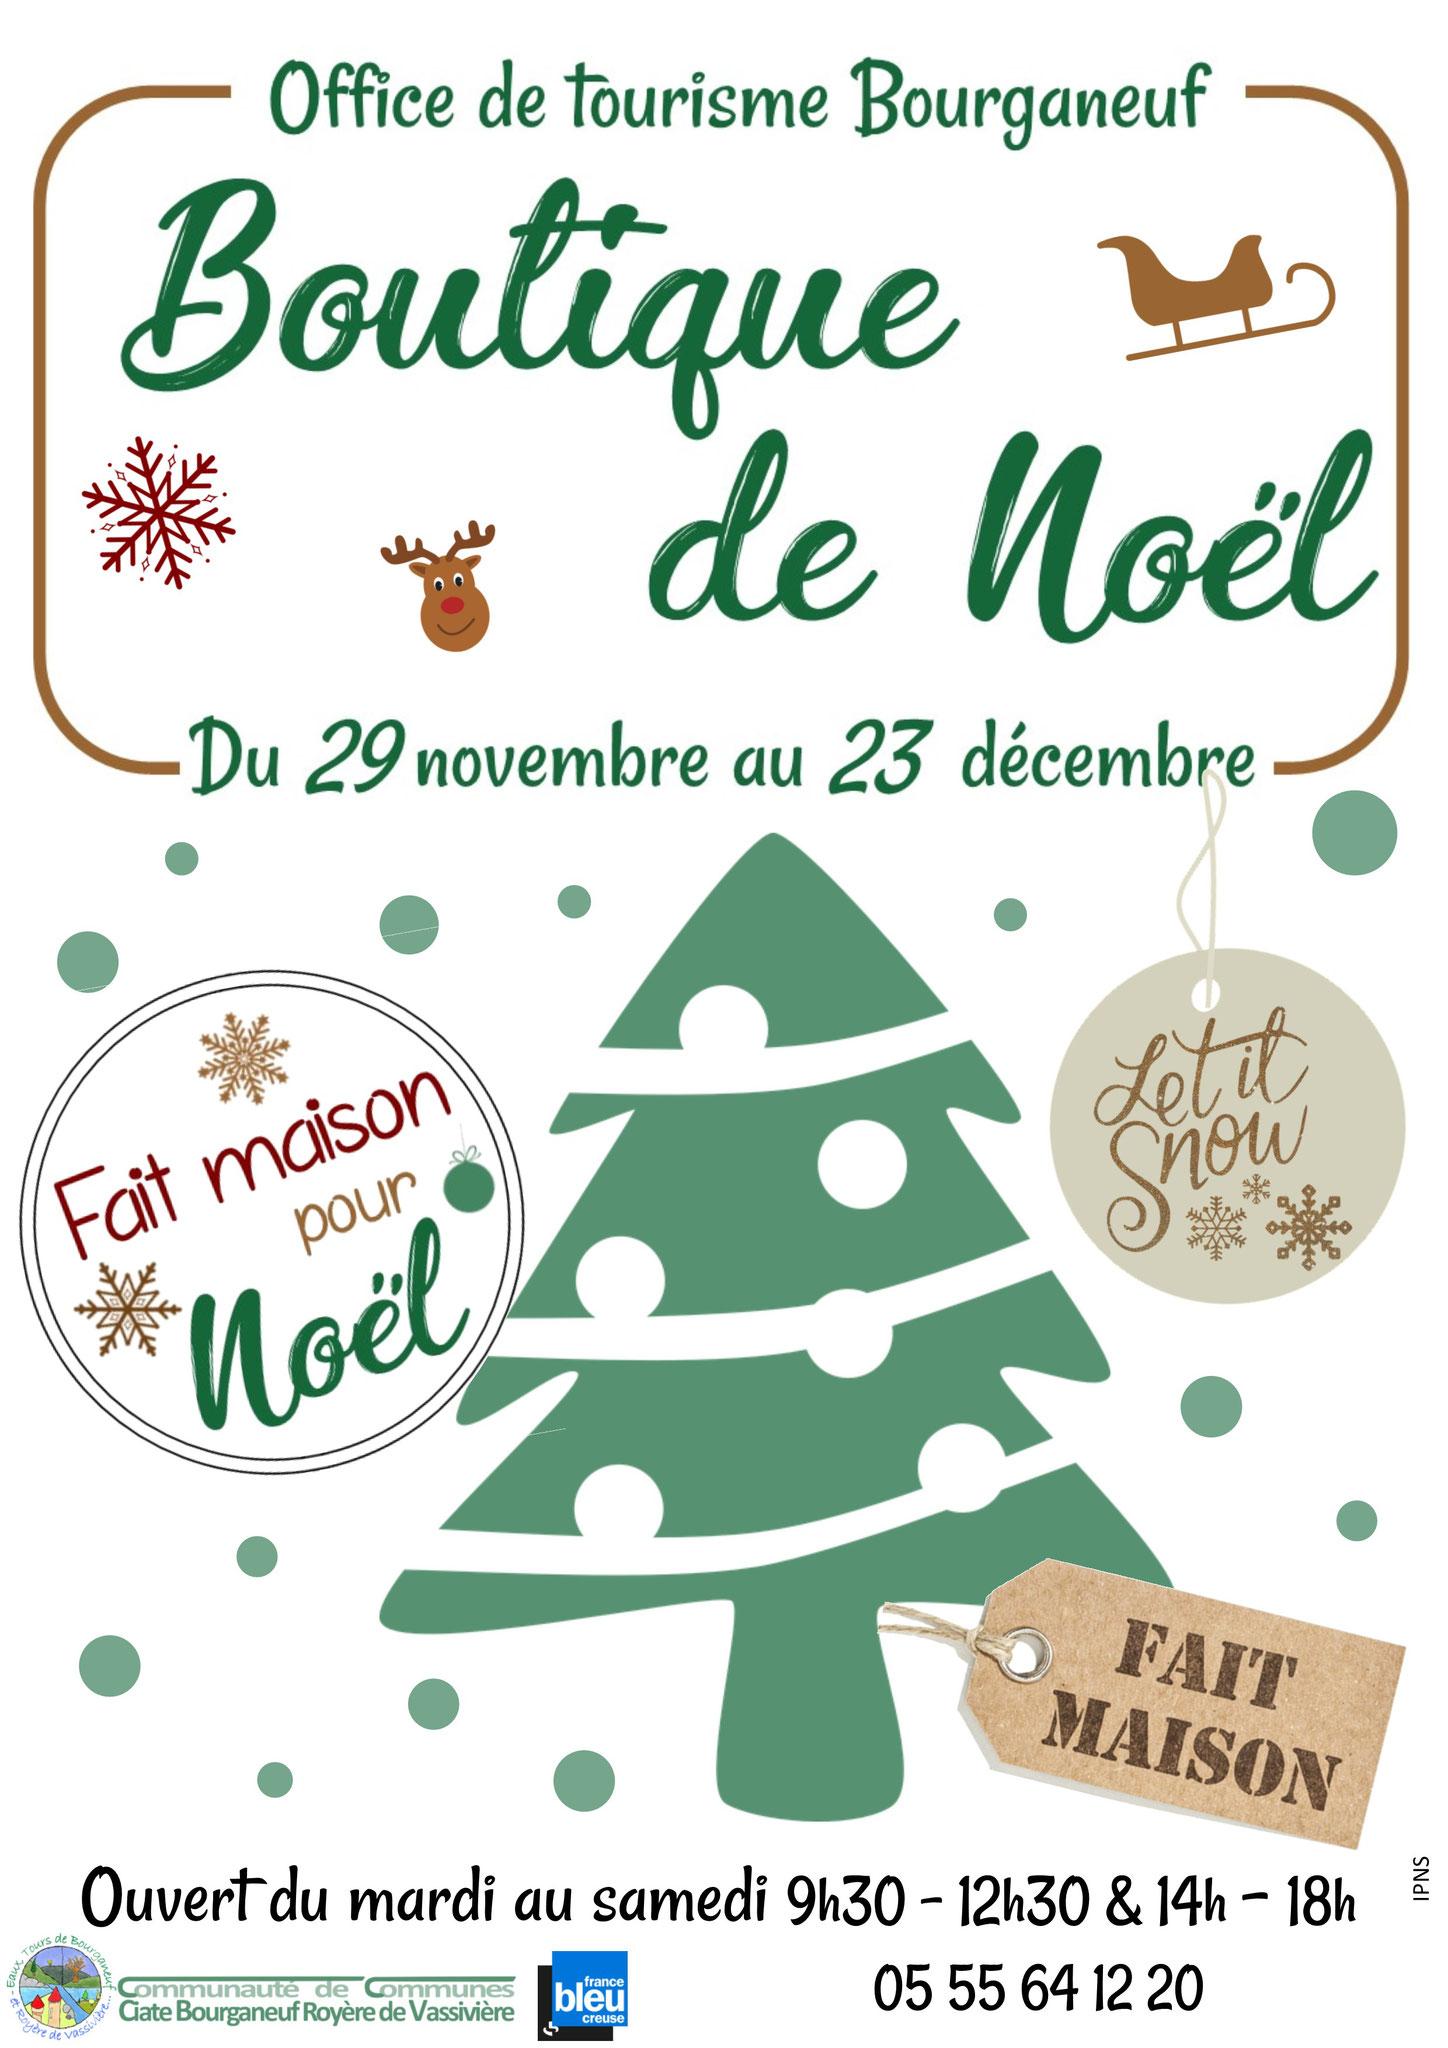 Retrouvez nos produits à la boutique de noël à l'Office de Tourisme de Bourganeuf